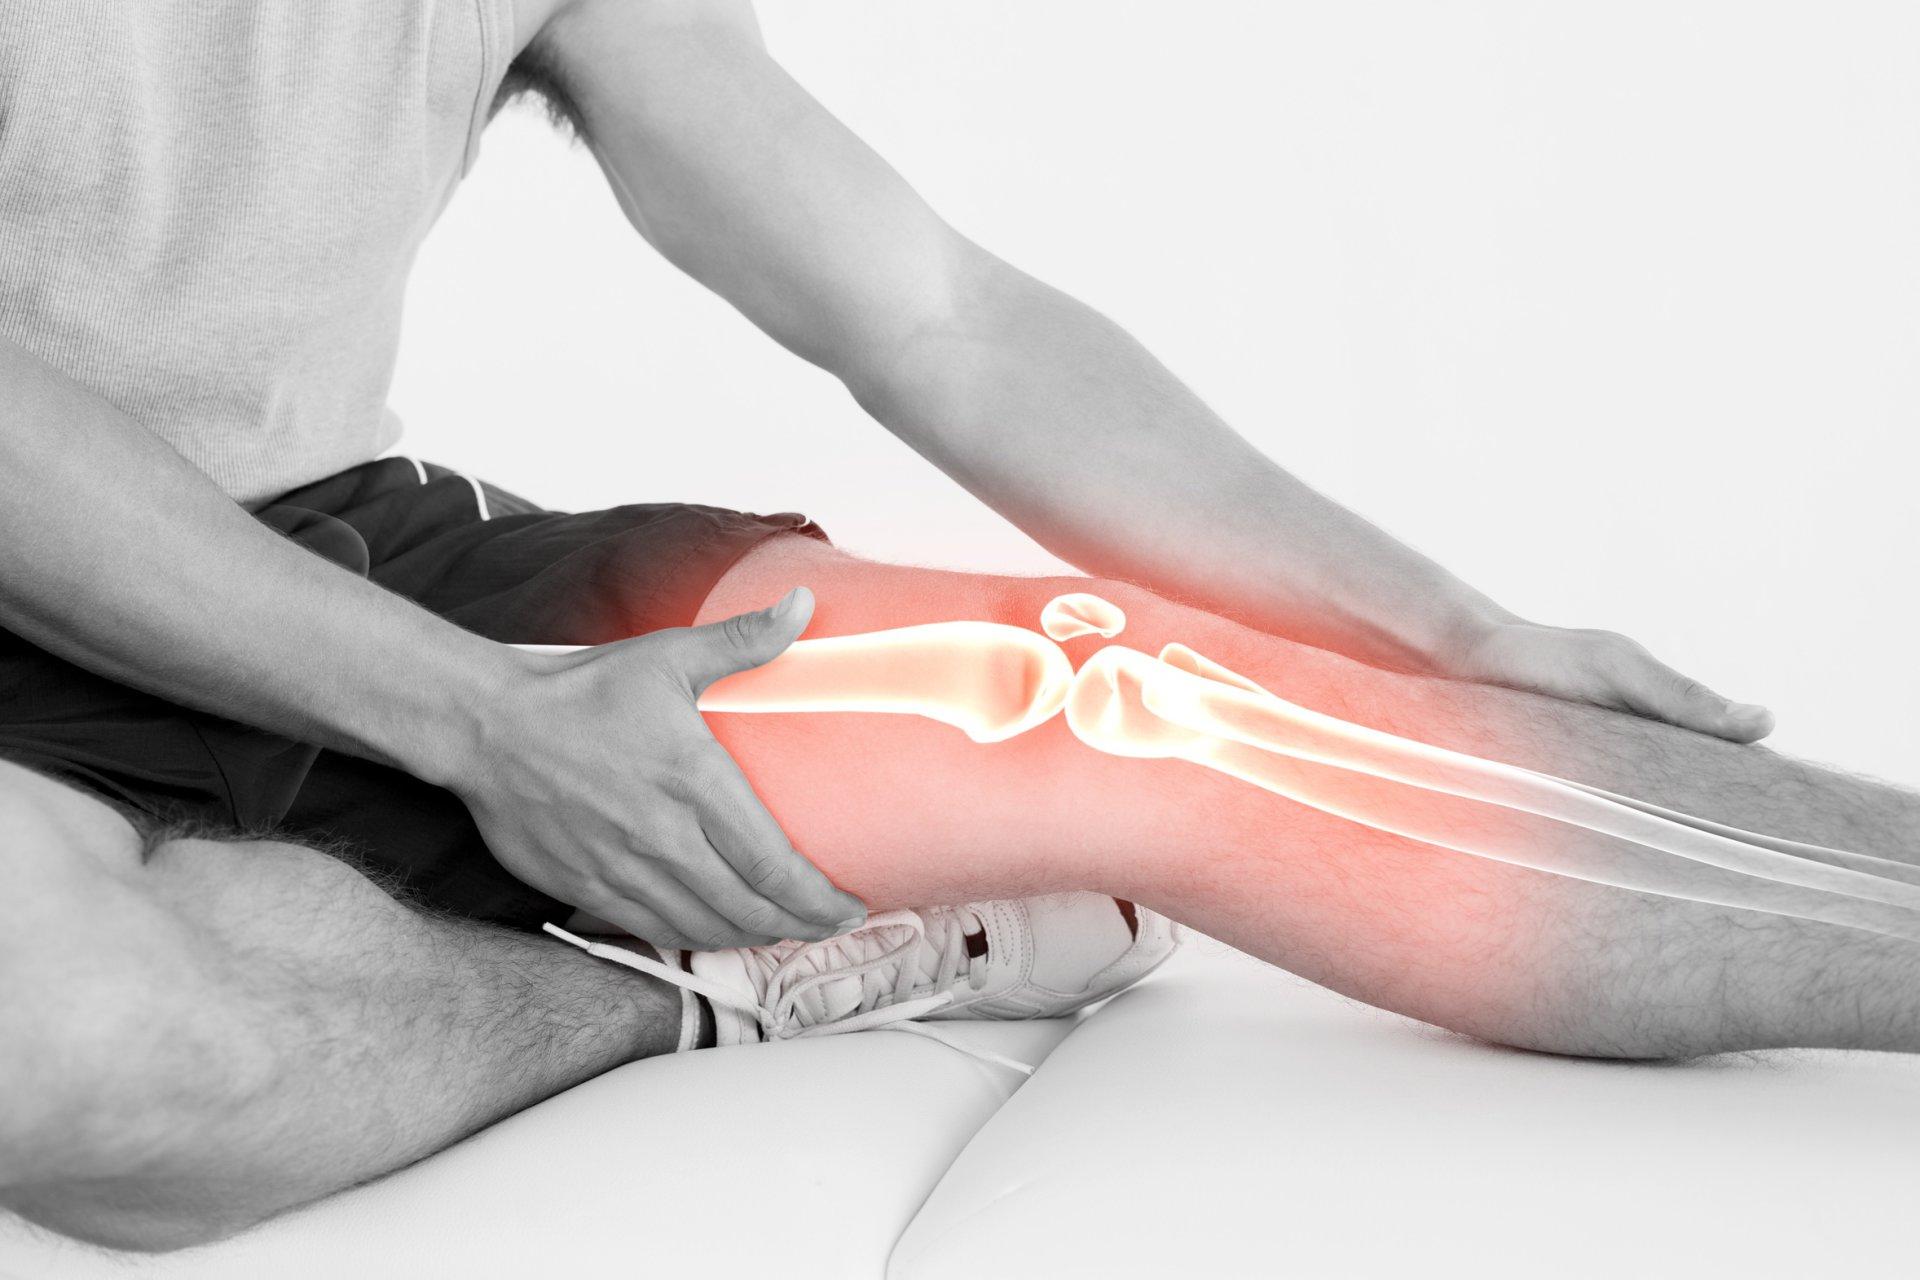 kaip gydyti sąnarių skausmas dermatitas sąnarių skausmas